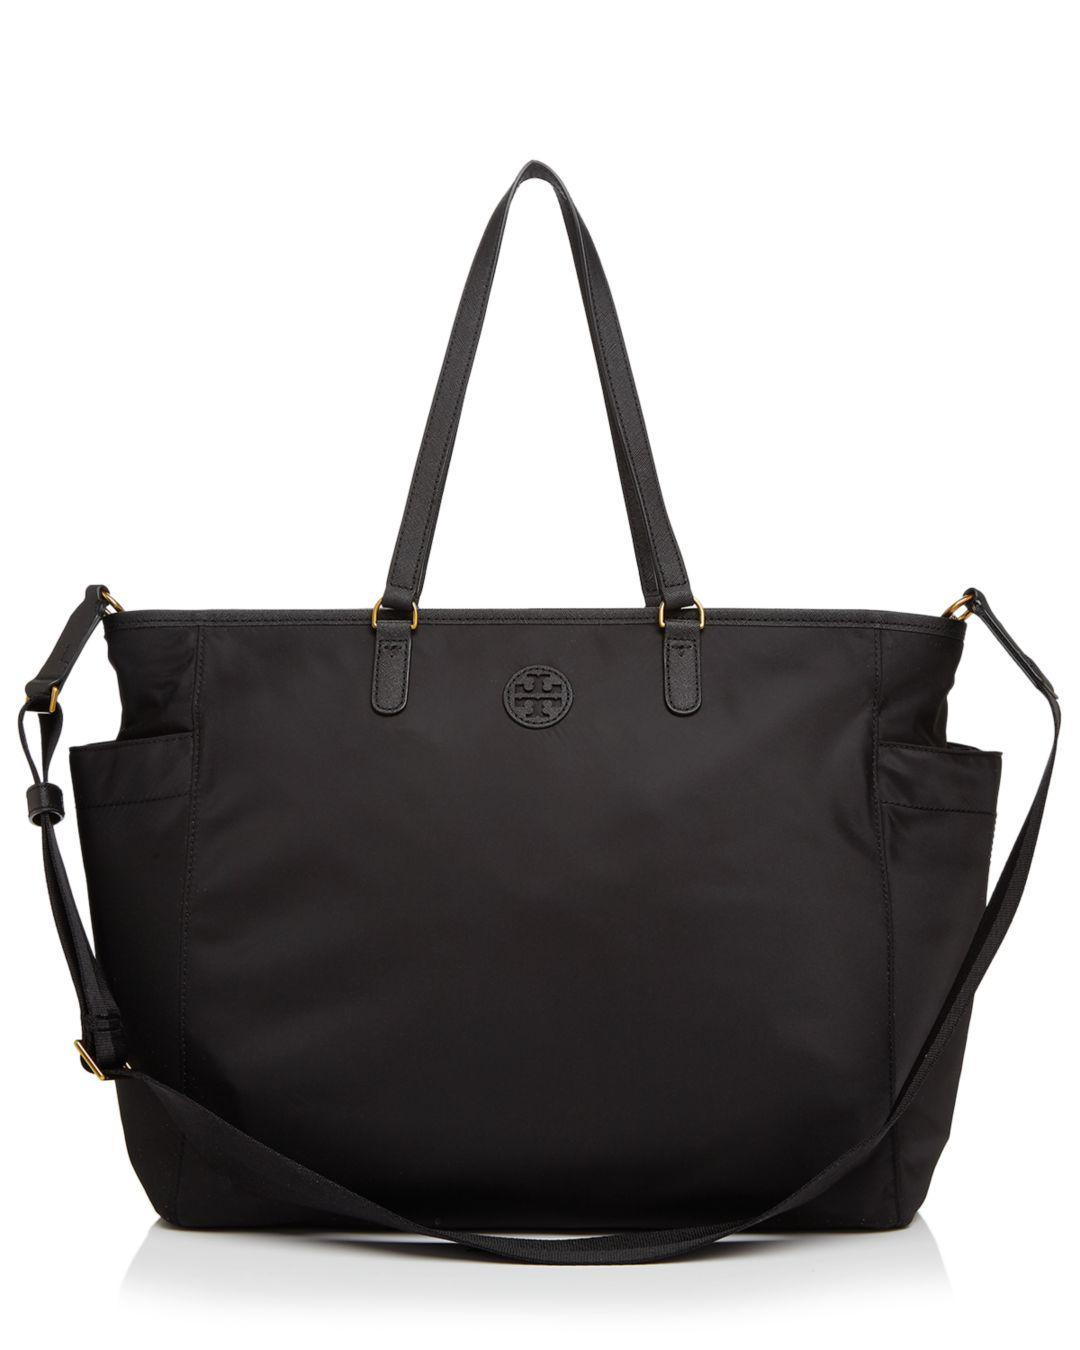 0d1958b49e5e Lyst - Tory Burch Scout Nylon Diaper Bag in Black